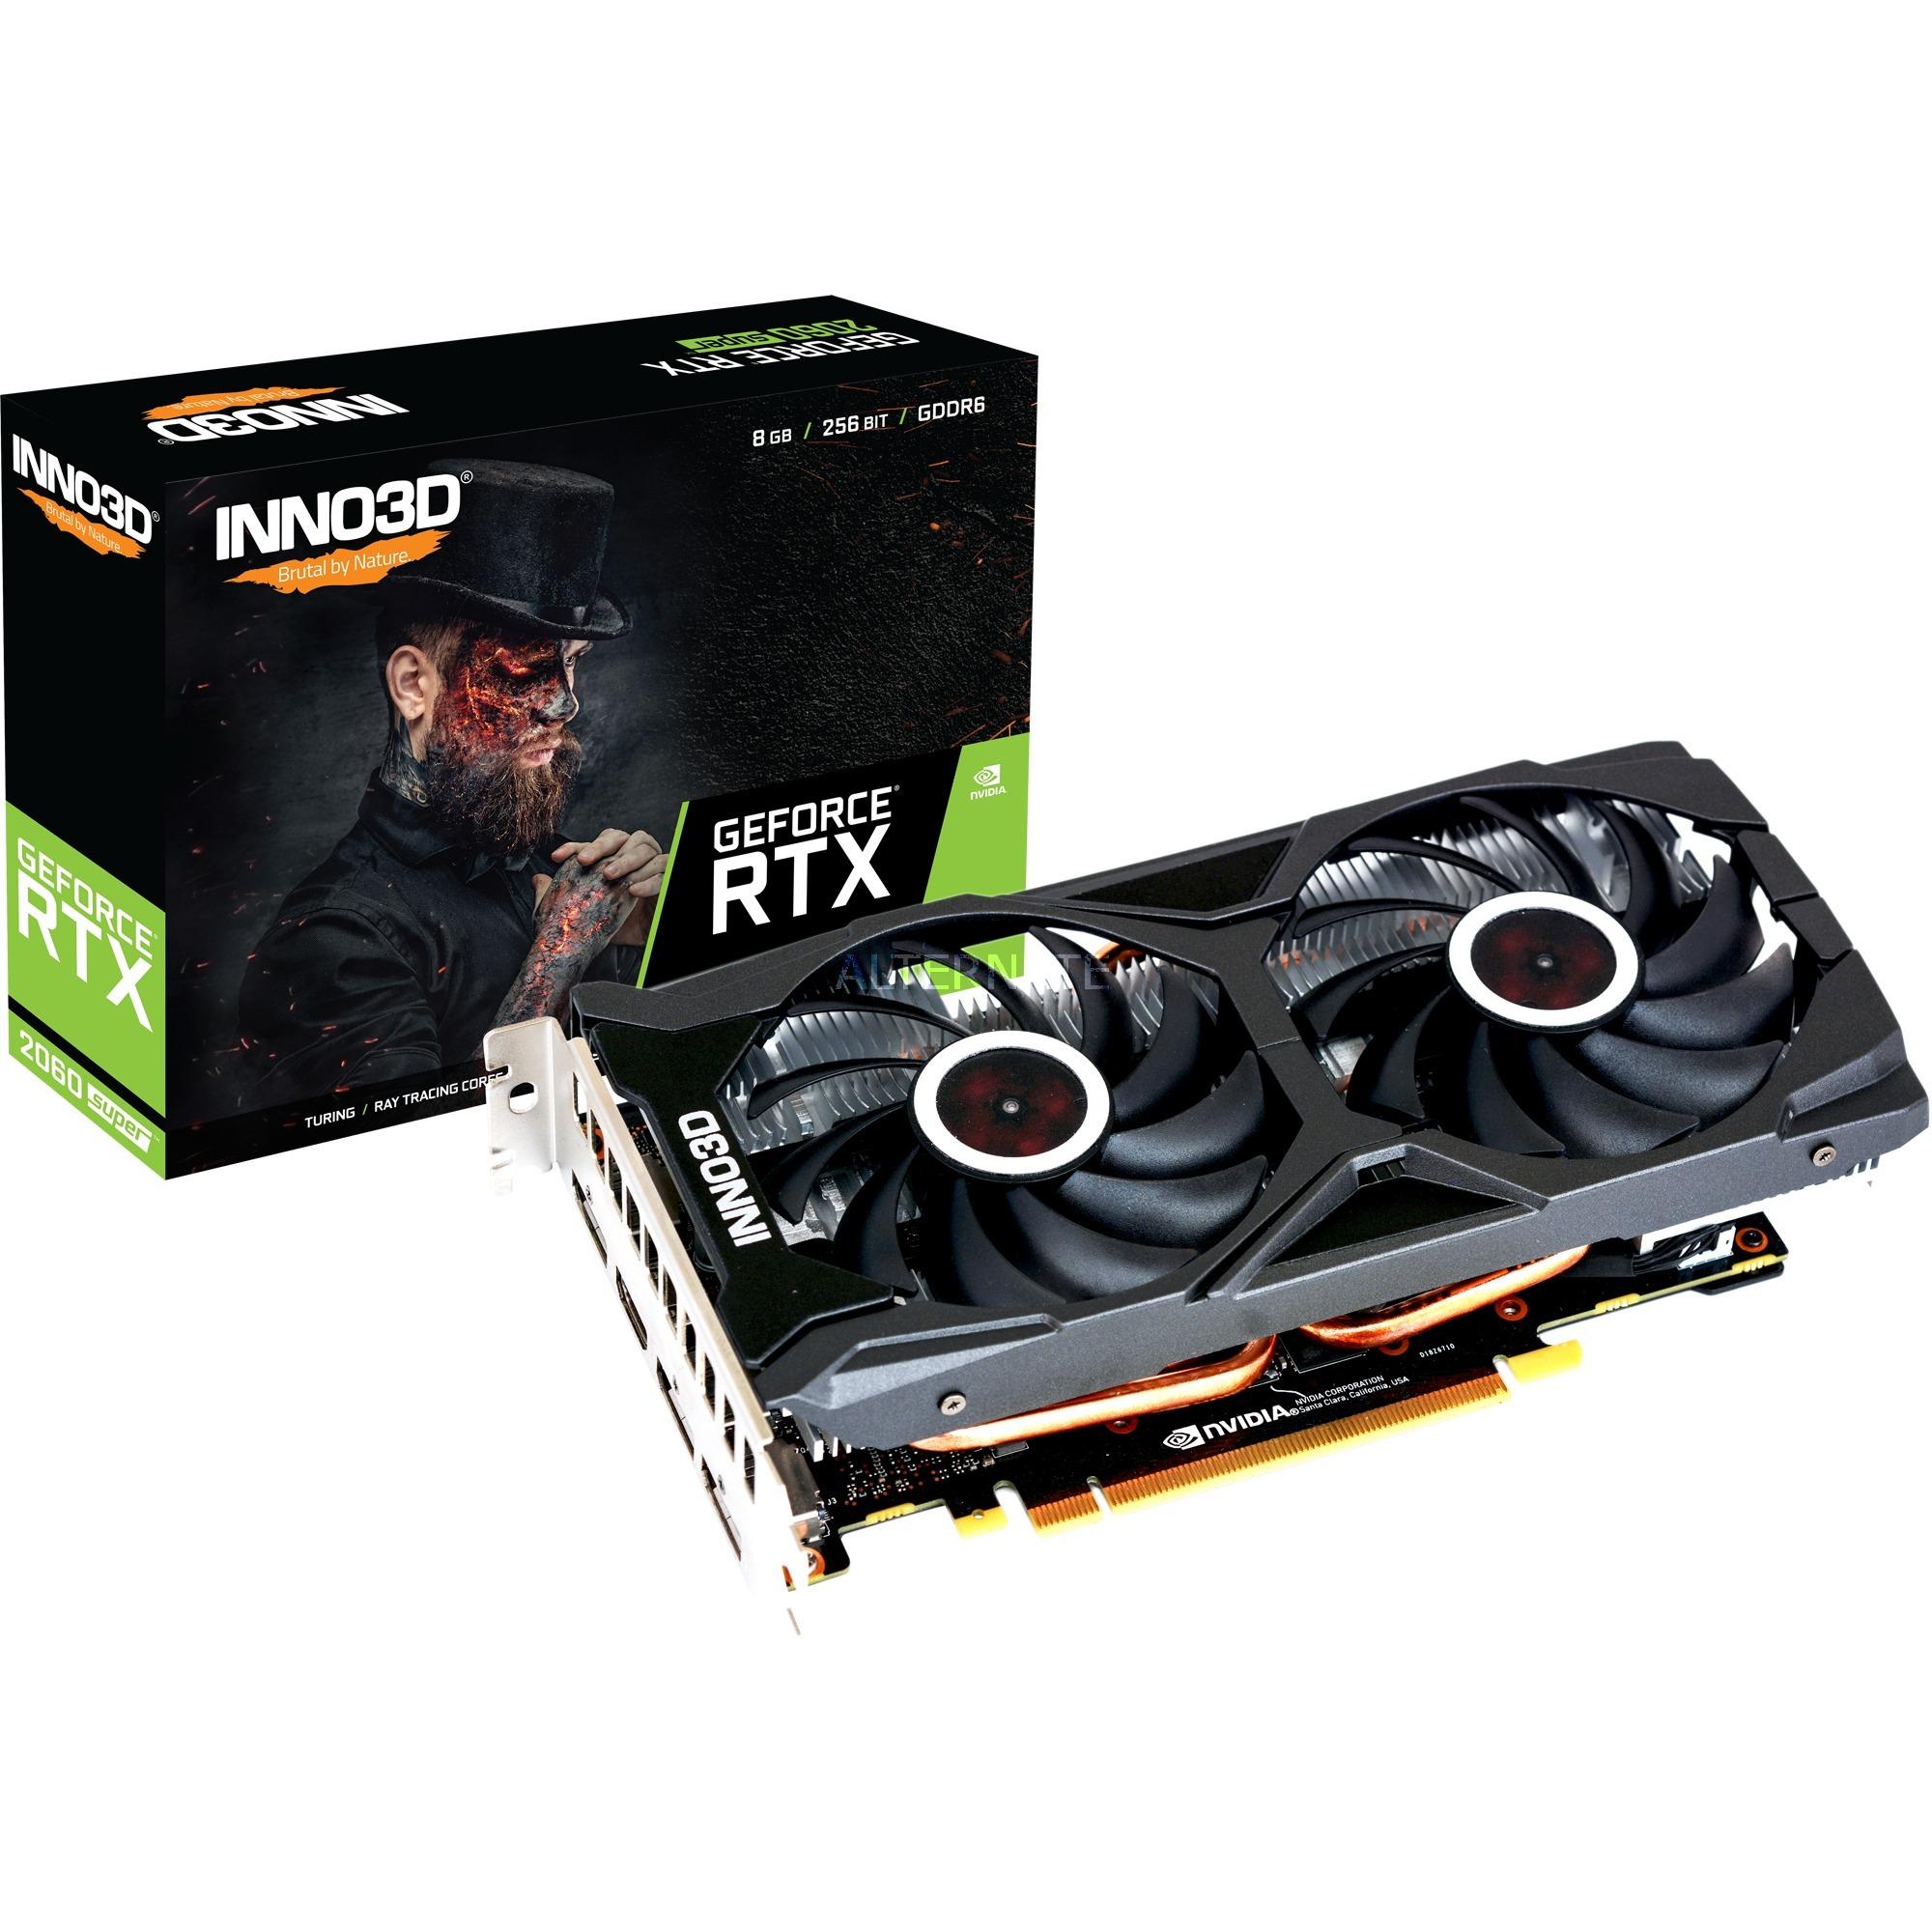 N206S2-08D6X-1710VA15L tarjeta gráfica GeForce RTX 2060 SUPER 8 GB GDDR6